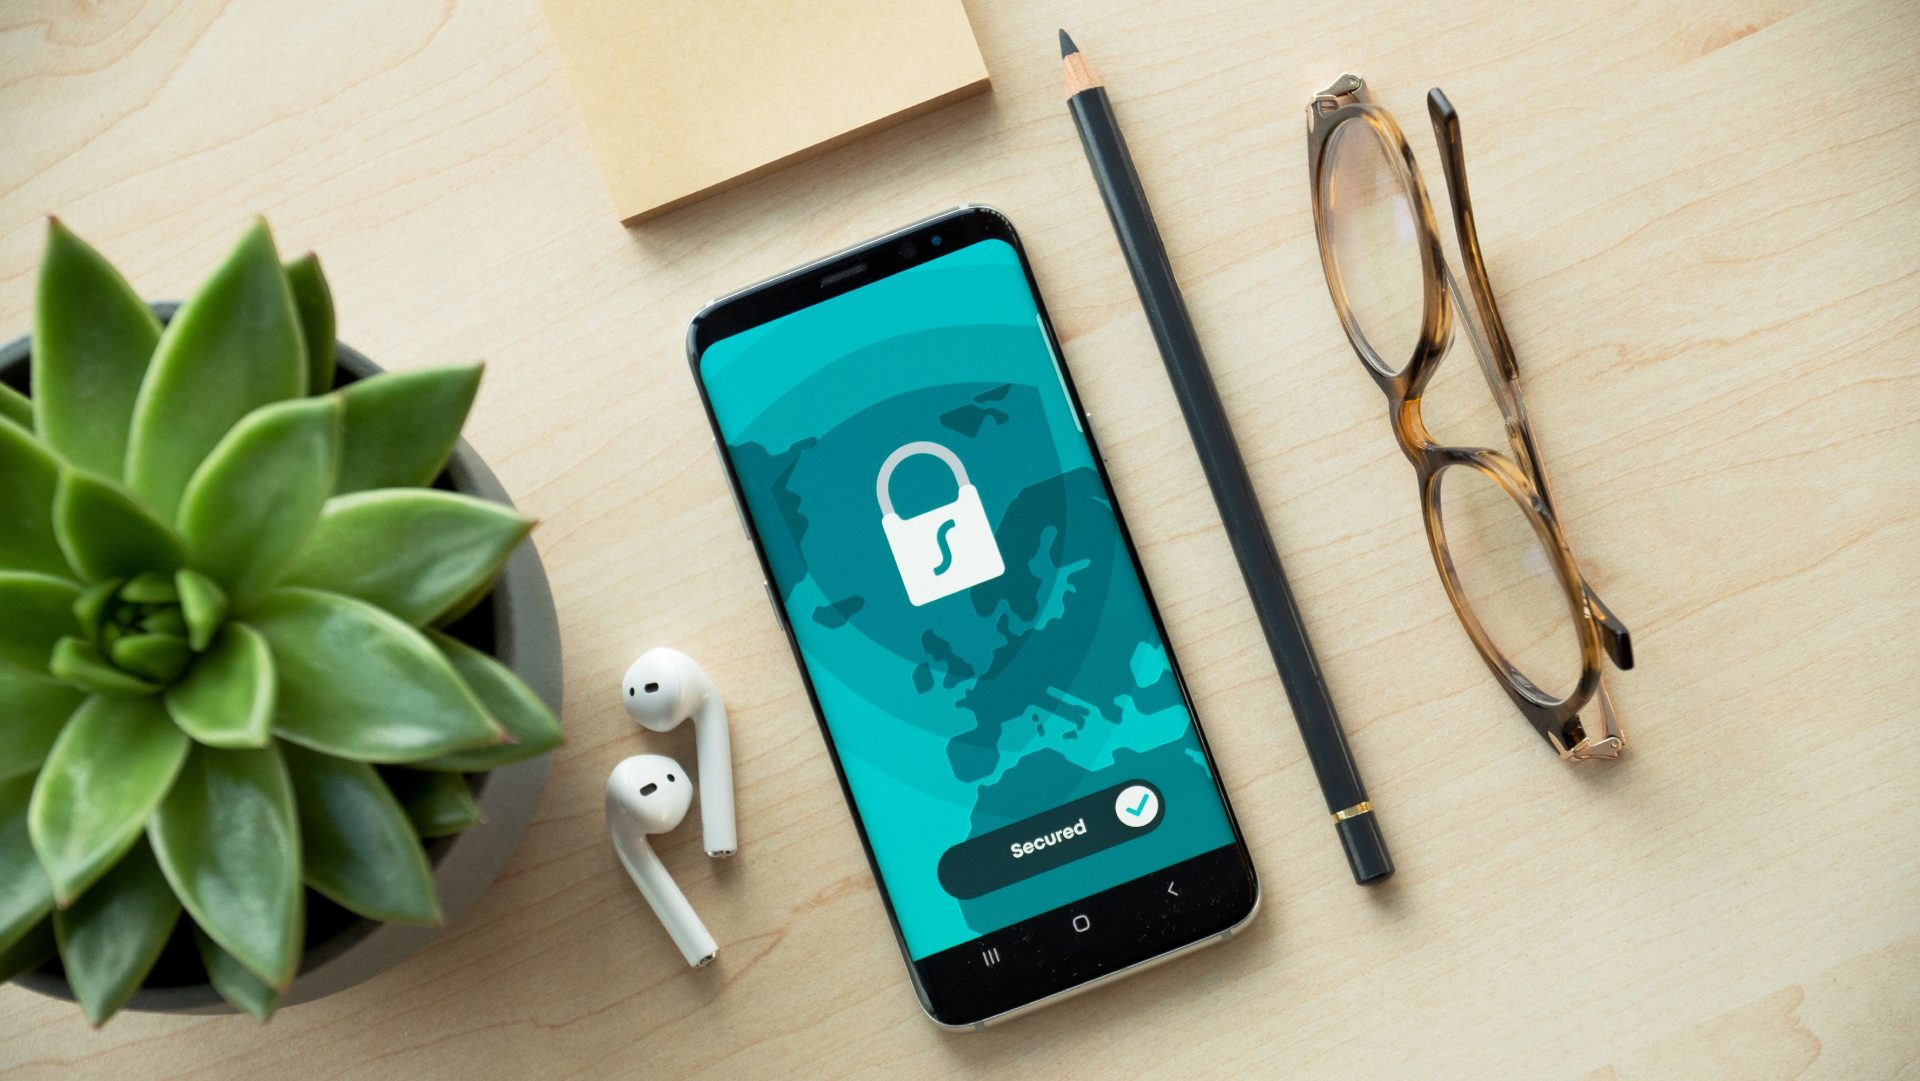 Dispositivo móvil o celular en una mesa protegido con ciberseguridad - Fotografía de Unsplash